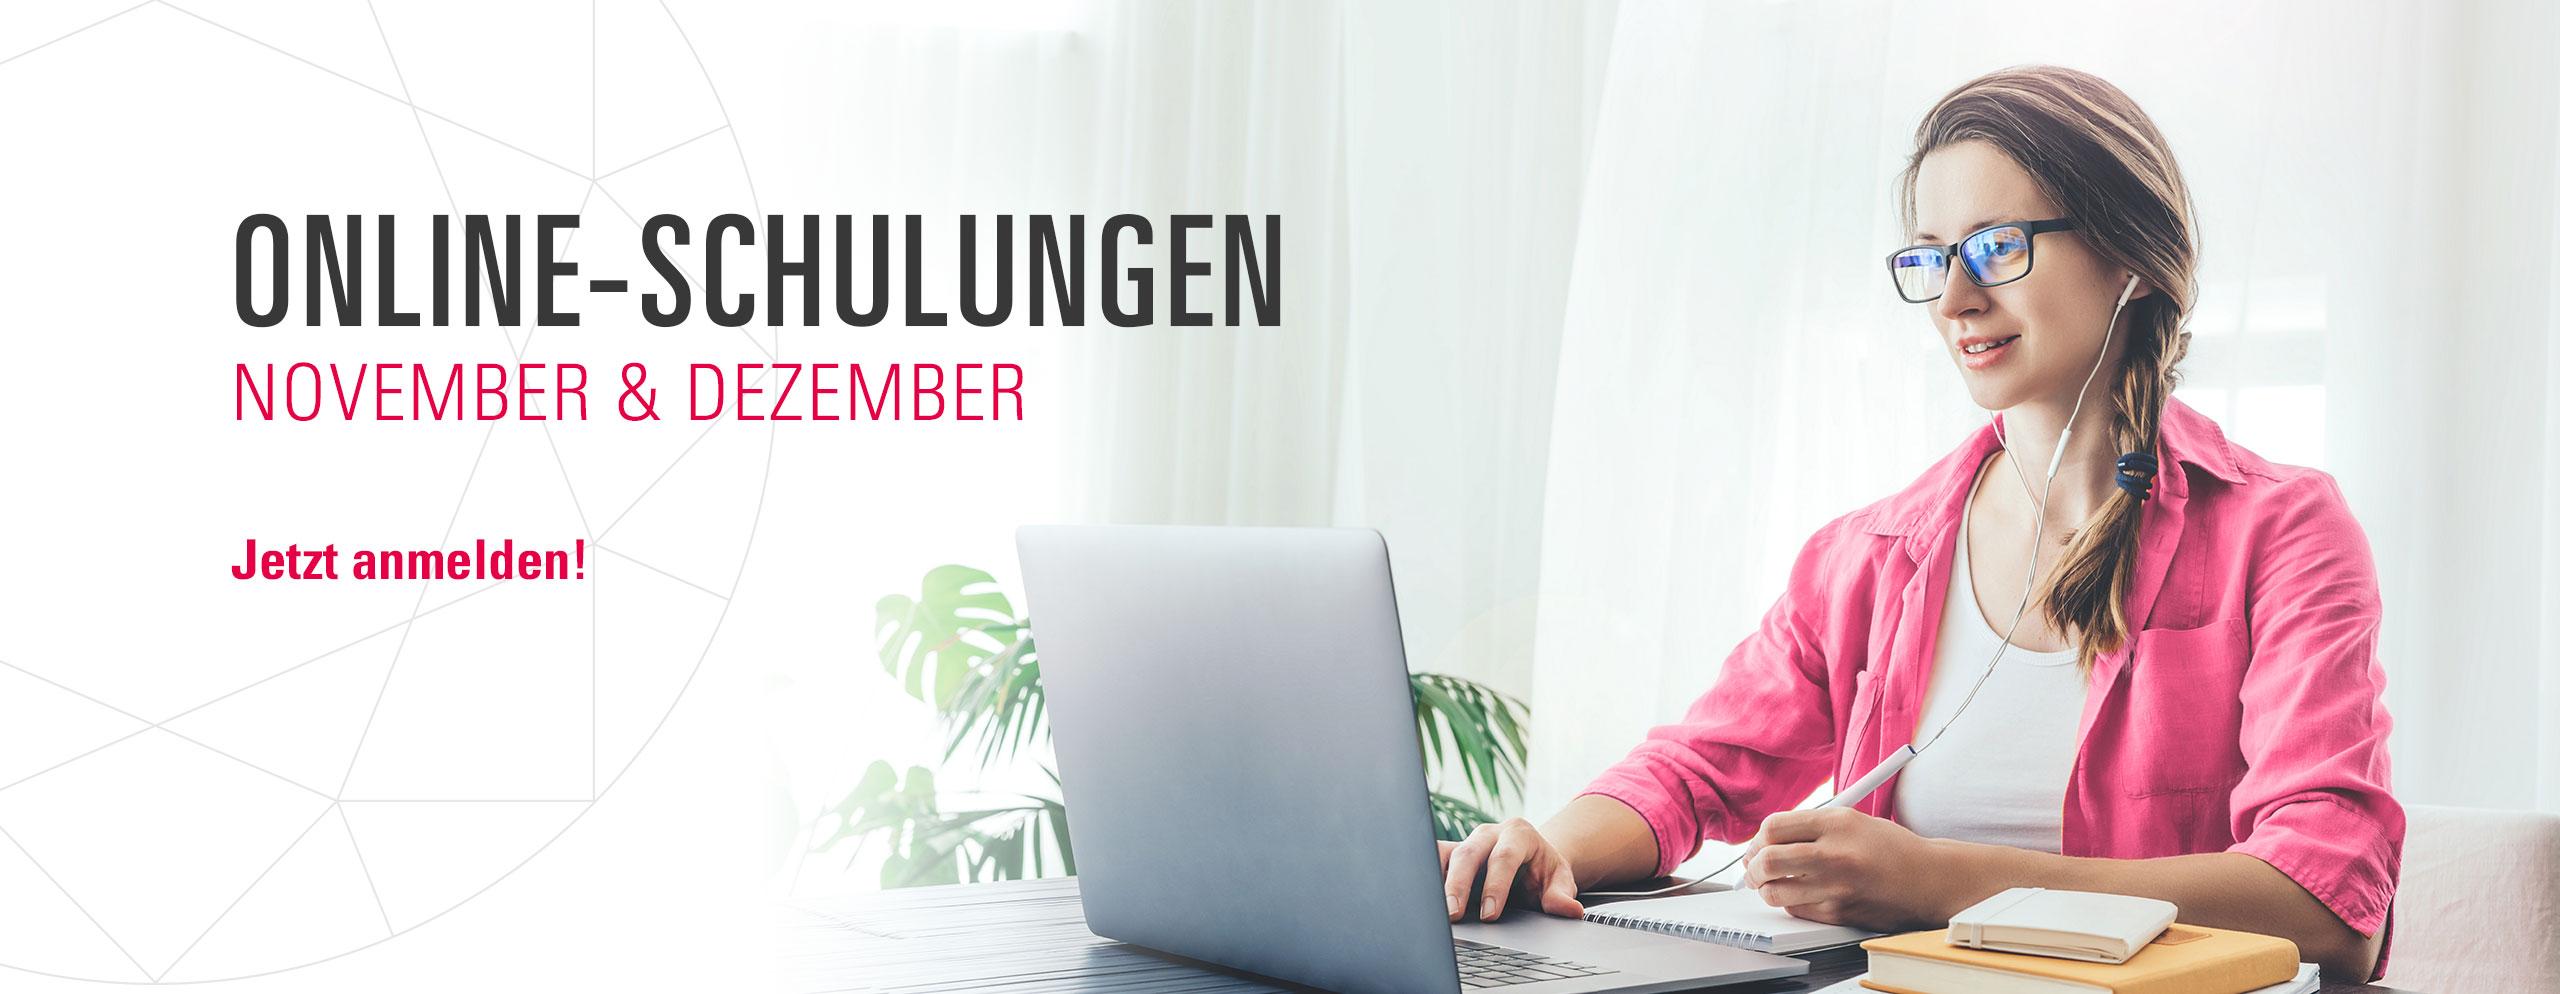 Hörluchs Campus Online-Schulungen